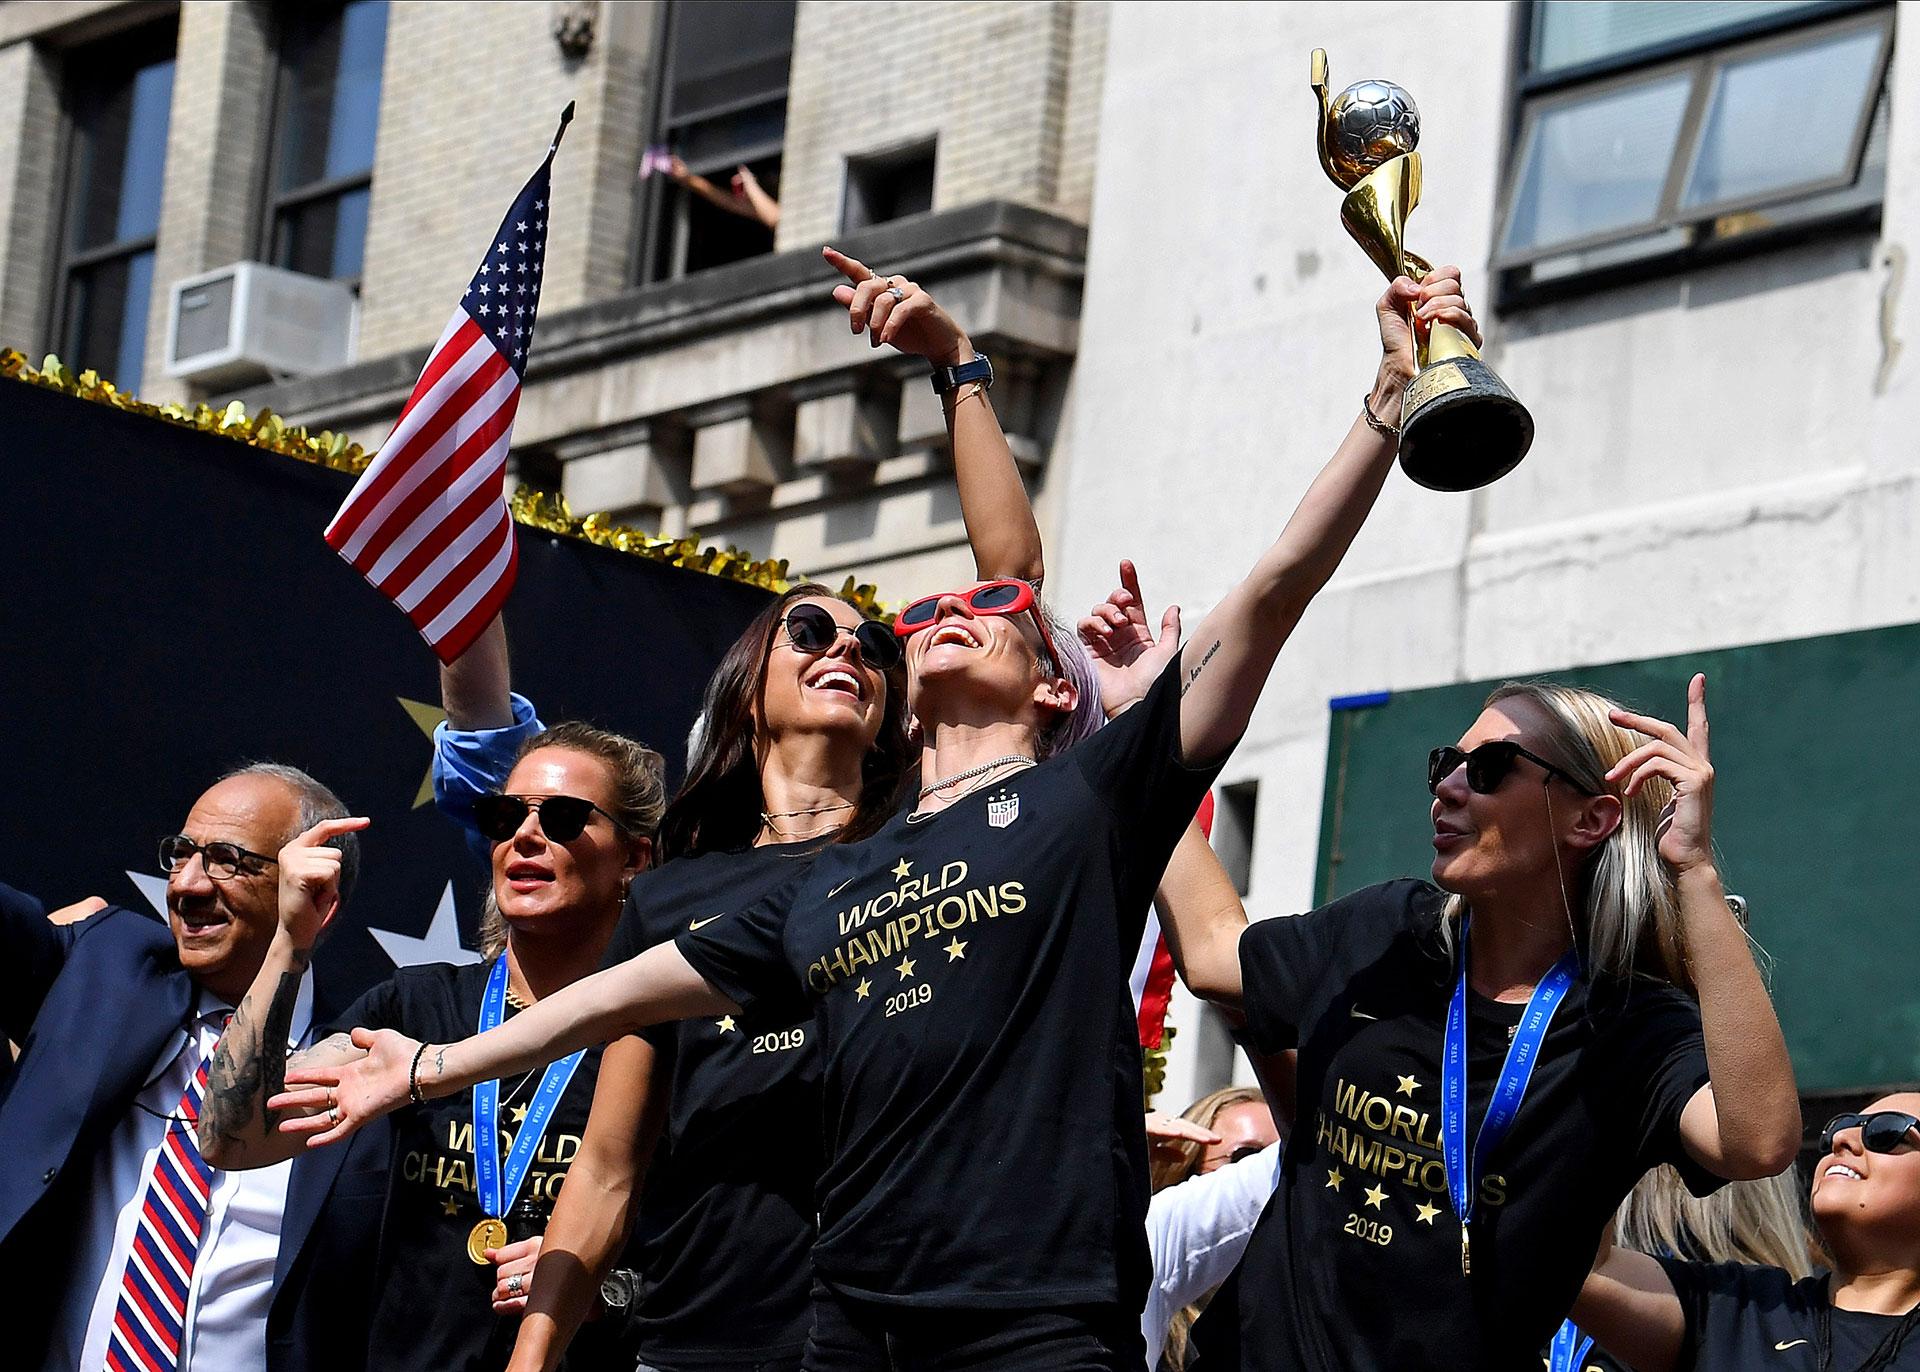 Rapinoe ha protagonizado varias polémicas con Trump y es muy crítica con la visión de país del mandatario, llegando a rechazar acudir a la Casa Blanca en caso de ganar -como ha sucedido- la Copa del Mundo de Fútbol femenino